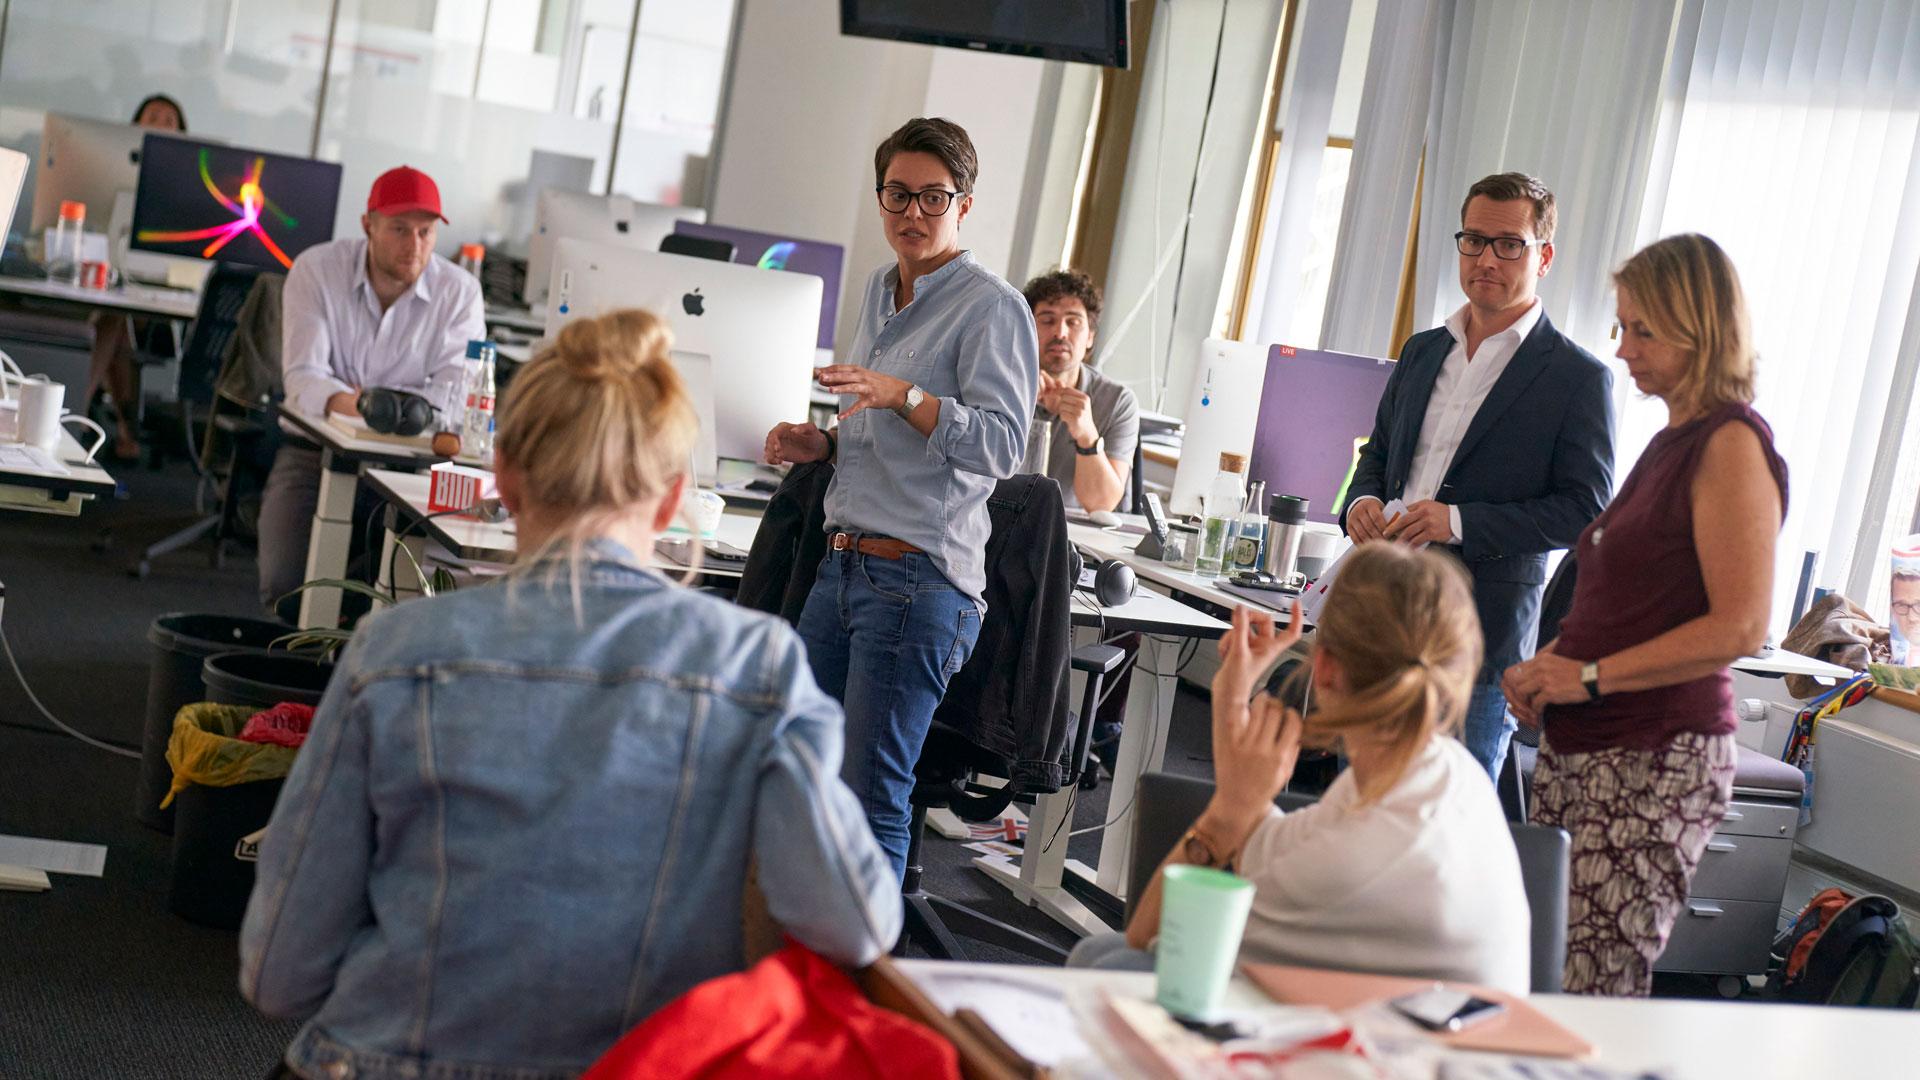 Die Bild-Redaktion bei einer Konferenz